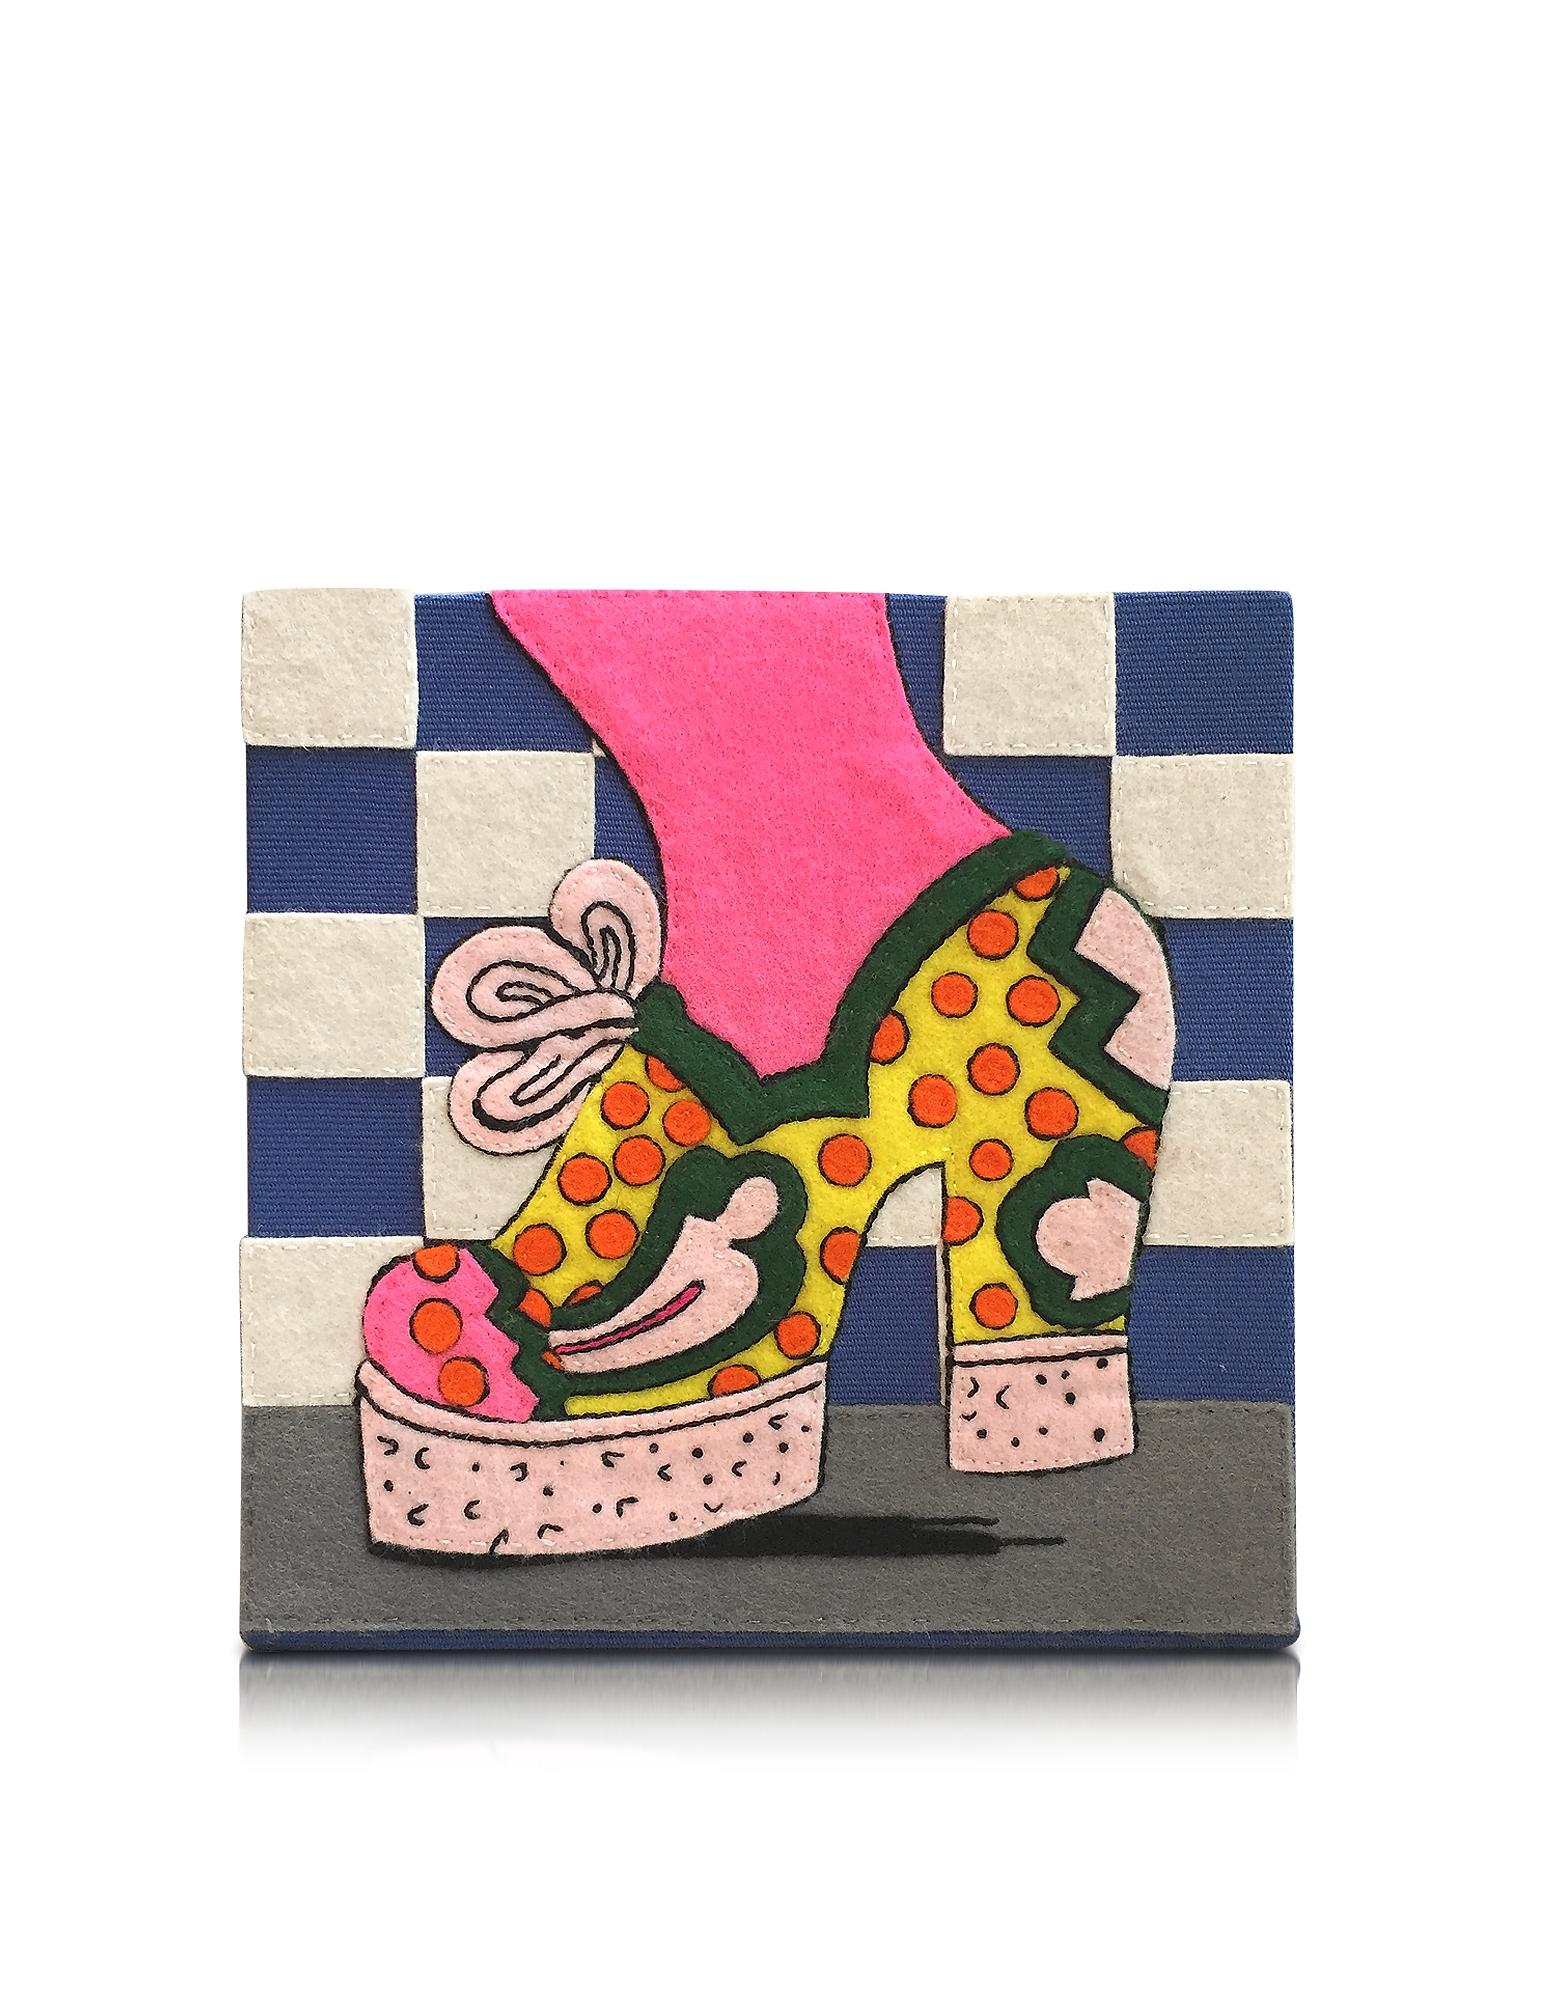 Фото Polka Dot Shoe - Клатч Книжка из Меди с Покрытием из Ткани. Купить с доставкой